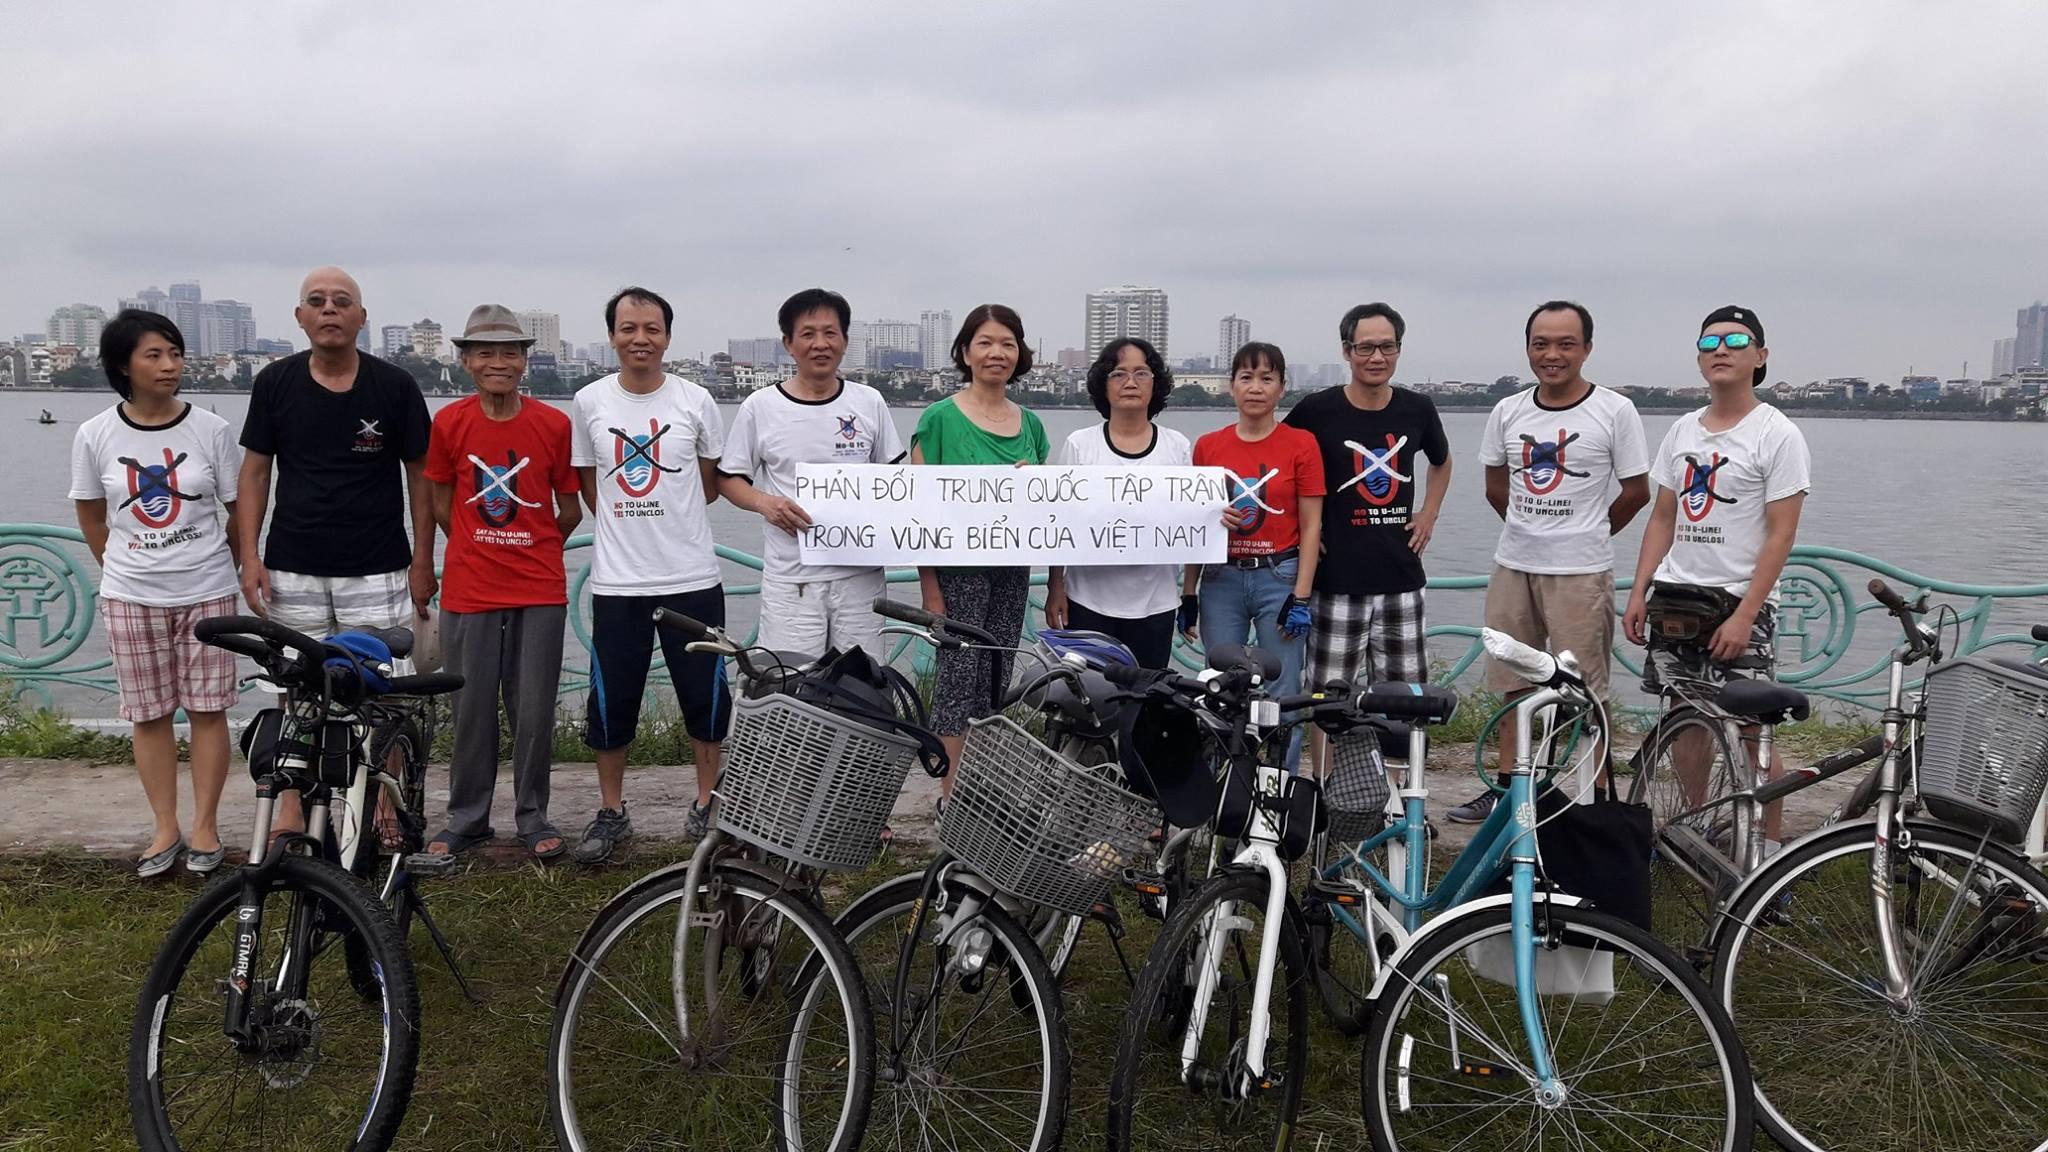 Nhóm xe đạp tại HỒ Tây Hà Nội phản đối Trung Cộng tập trận